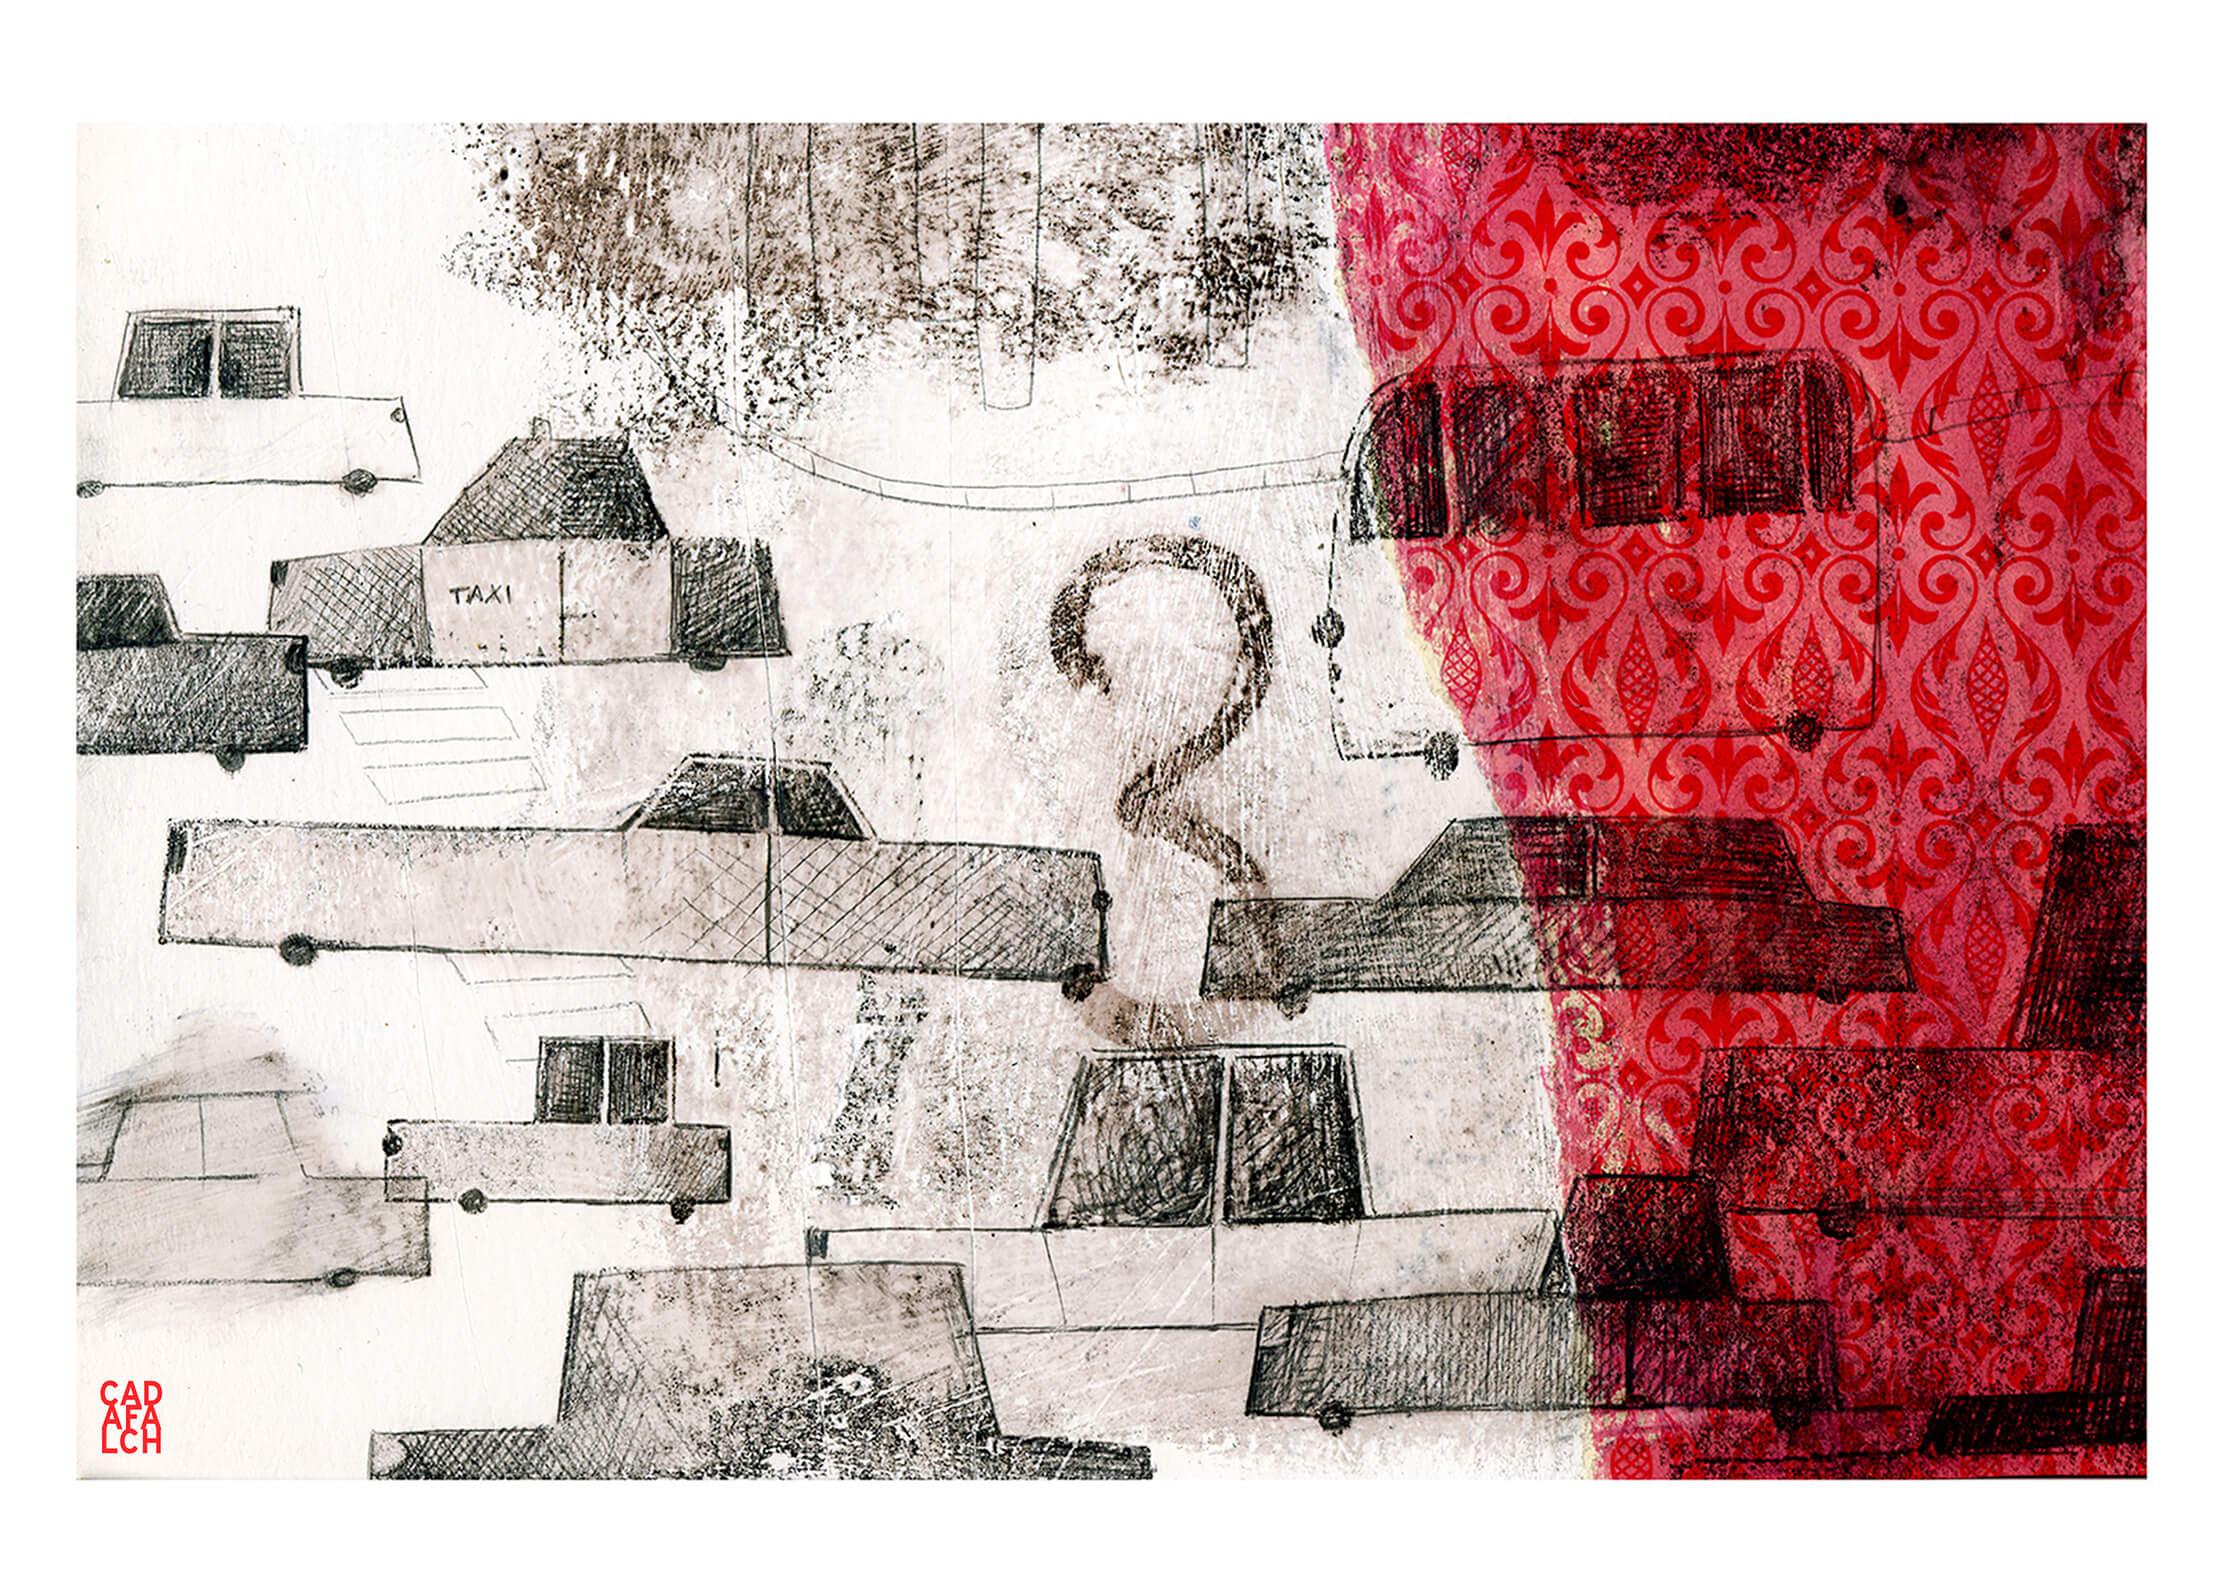 07.Cotxes-A3 Lluís Cadafalch - Obra gràfica